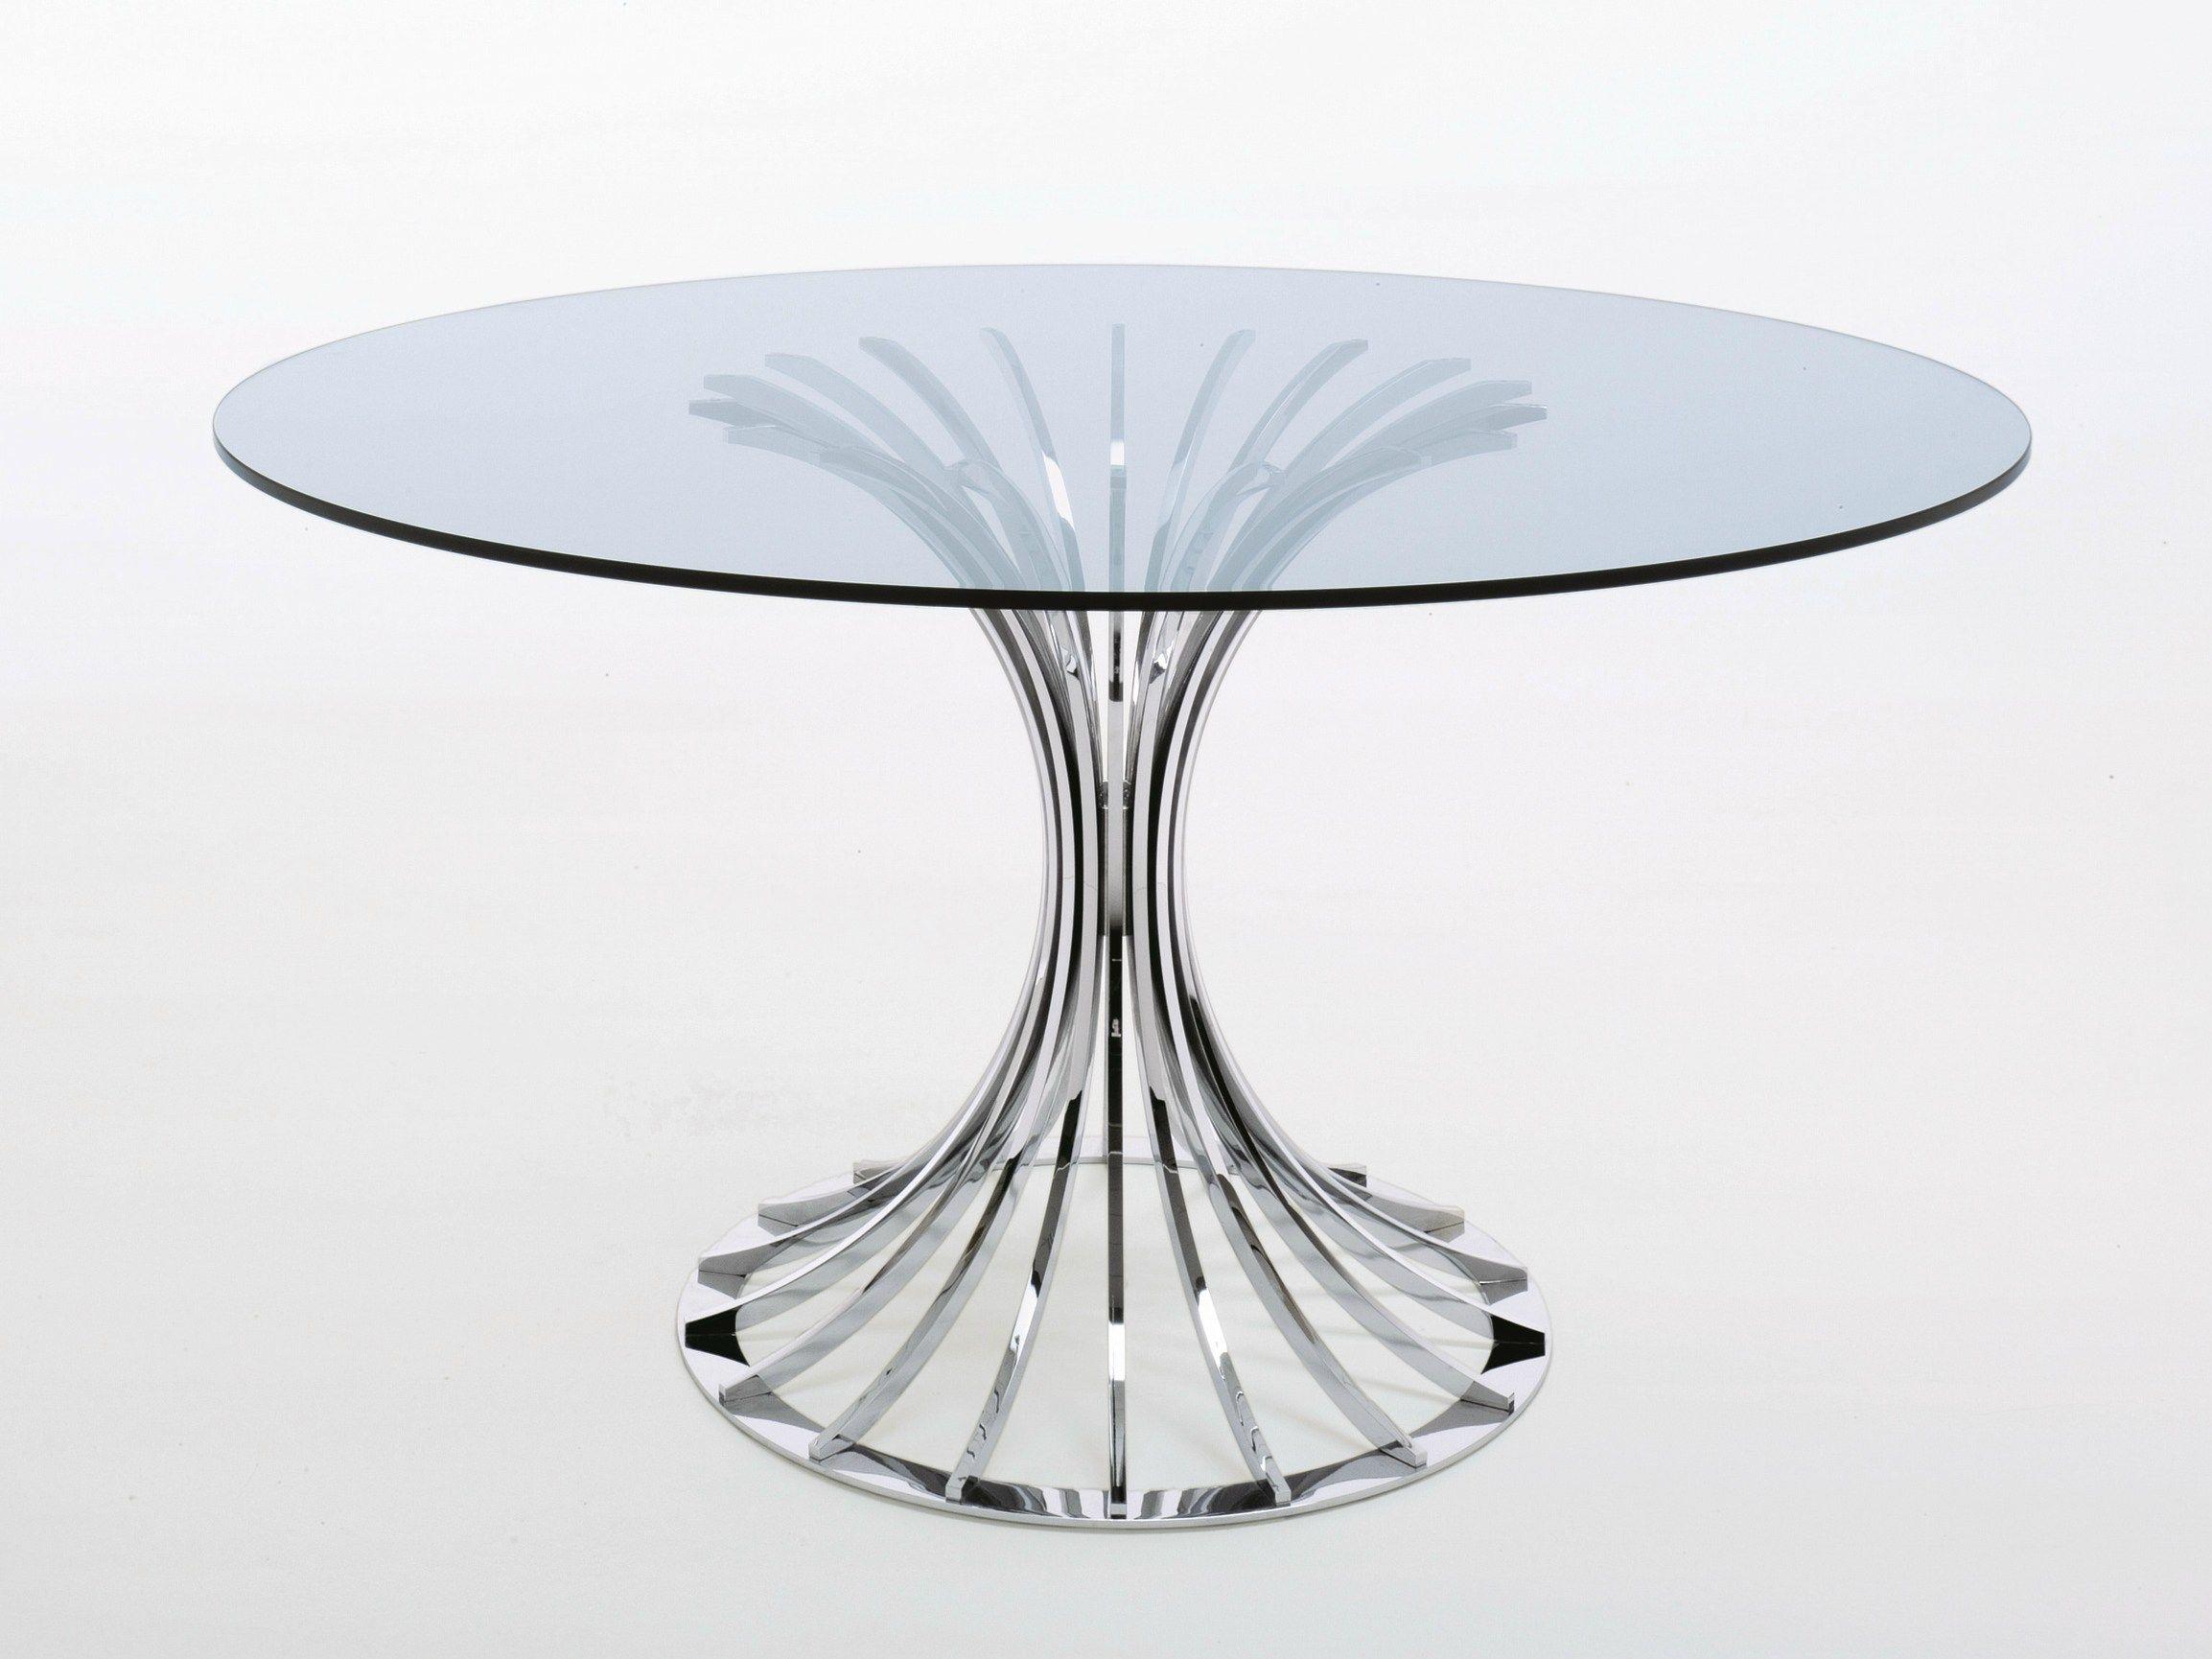 Mesa redonda de cristal bellafonte by misuraemme dise o - Mesa redonda de cristal ...